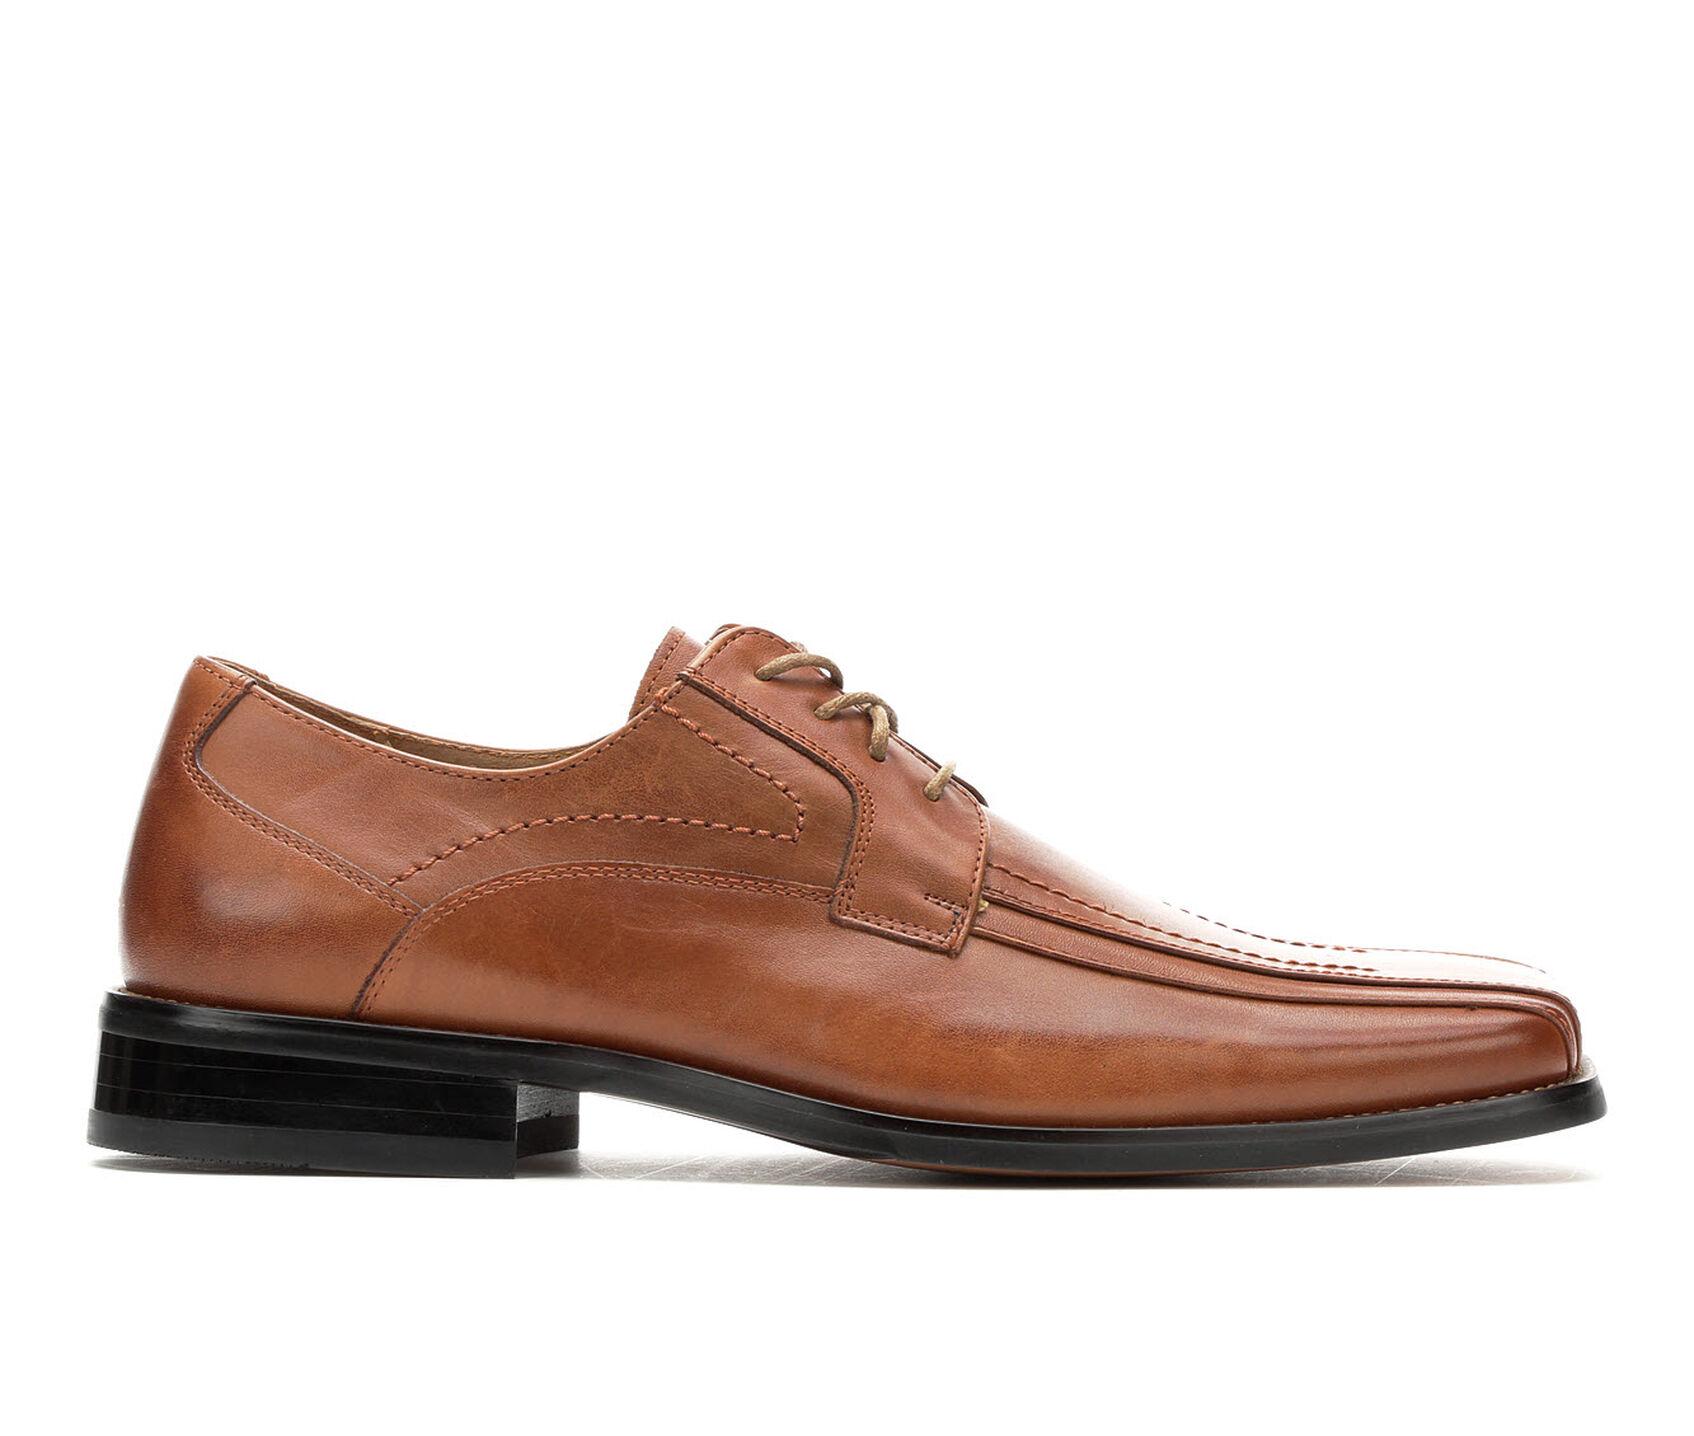 s corrado dress shoes